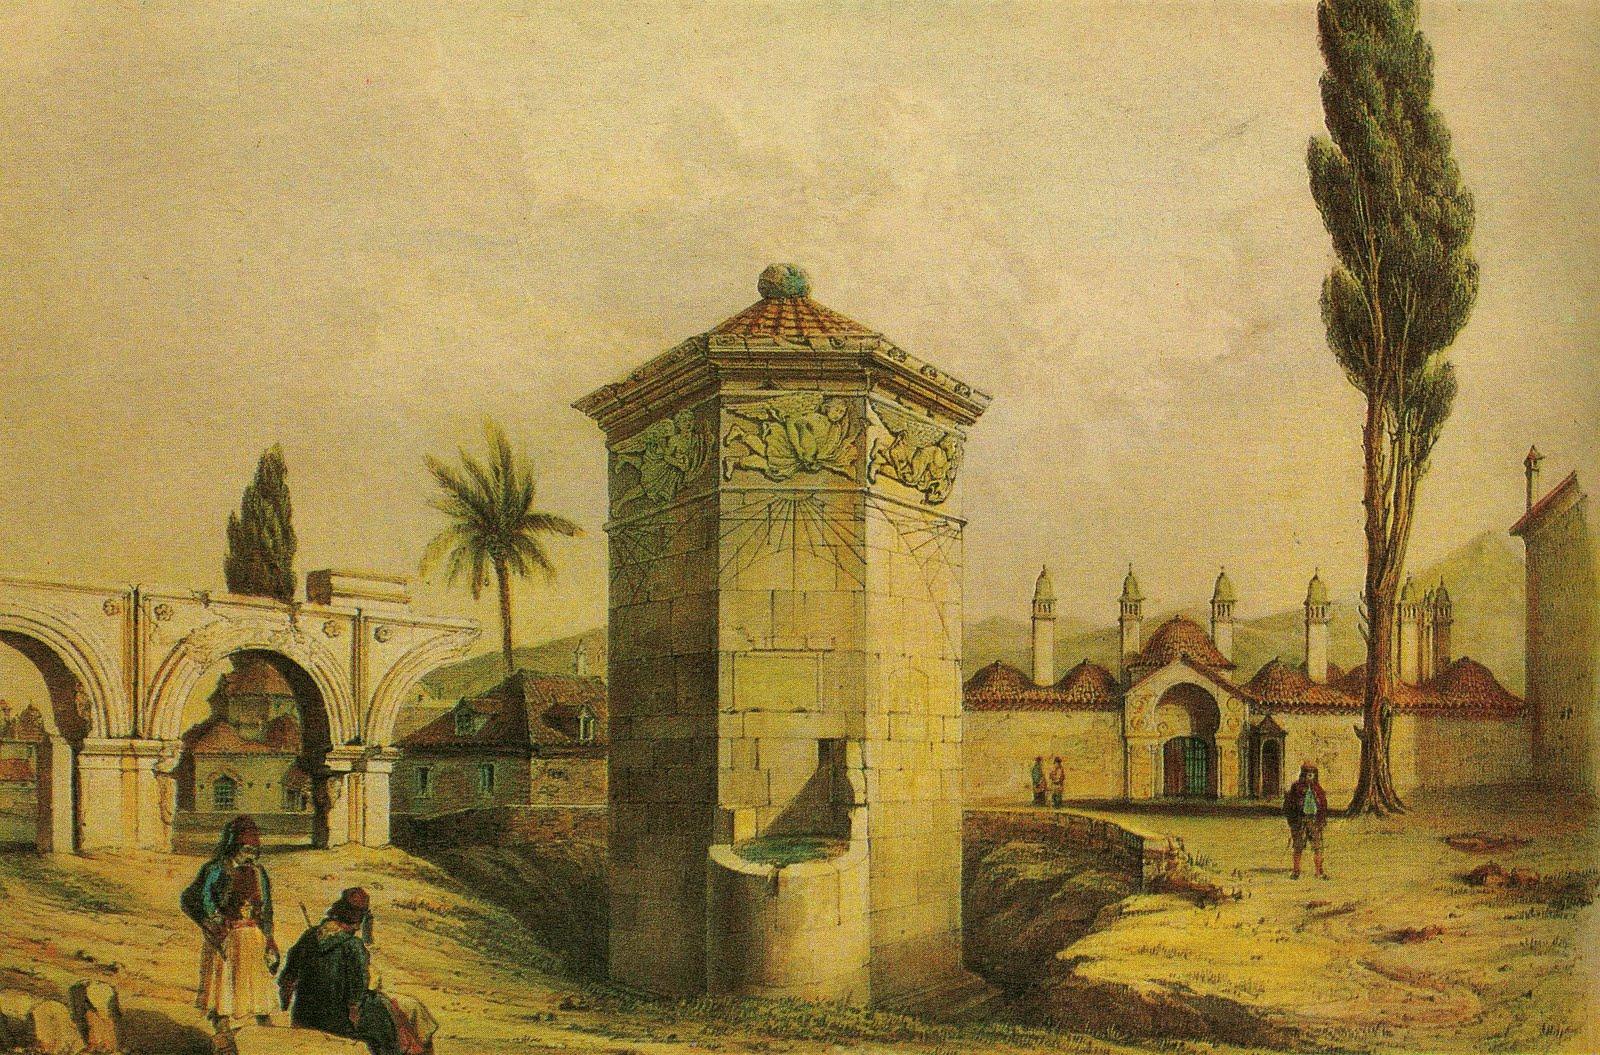 Αθήνα - το Ωρολογιο του Κυρρηήστου το 1840, ή άλλως ο Πύργος των Ανέμων. Πίσω του βρίσκονταν τουρκικά κτίσματα (Μεντρεσές). Πίνακας του Du Moncel.